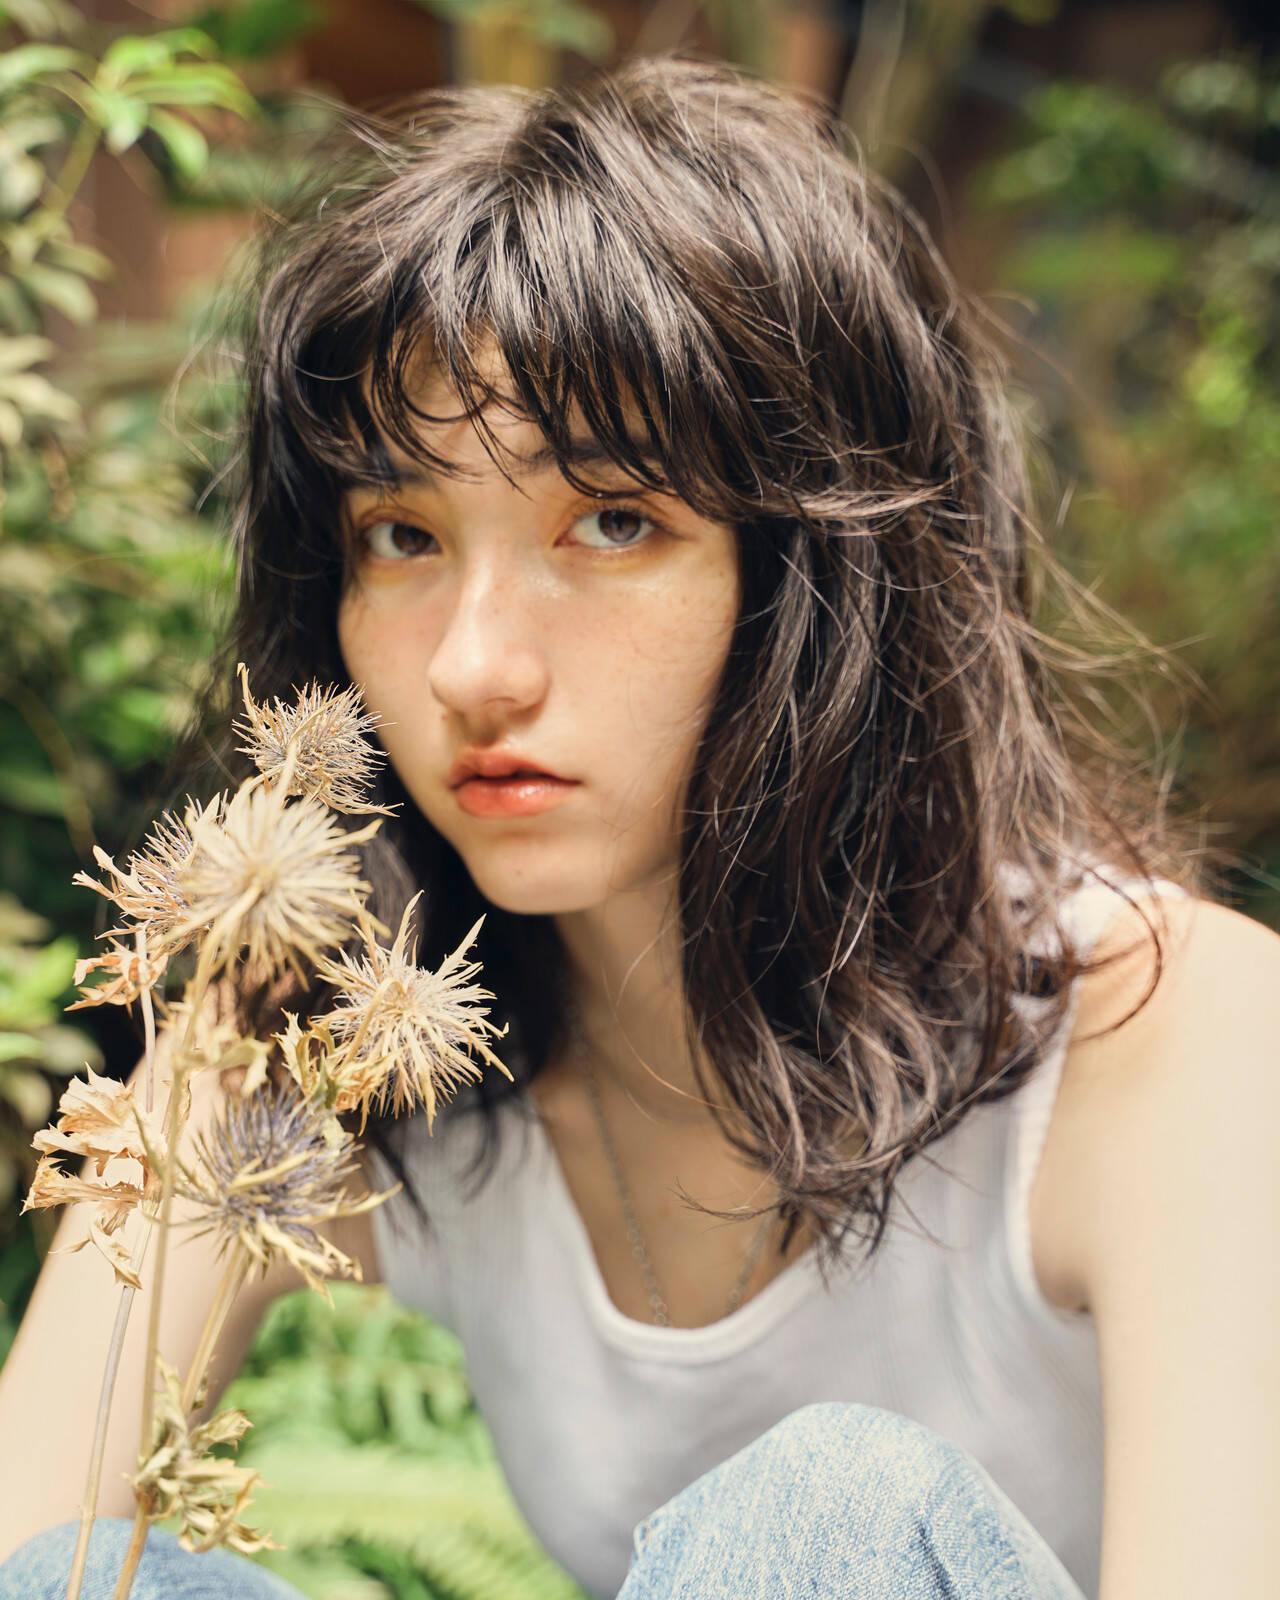 ミディアムレイヤー レイヤーカット ブラウンベージュ ヌーディベージュヘアスタイルや髪型の写真・画像